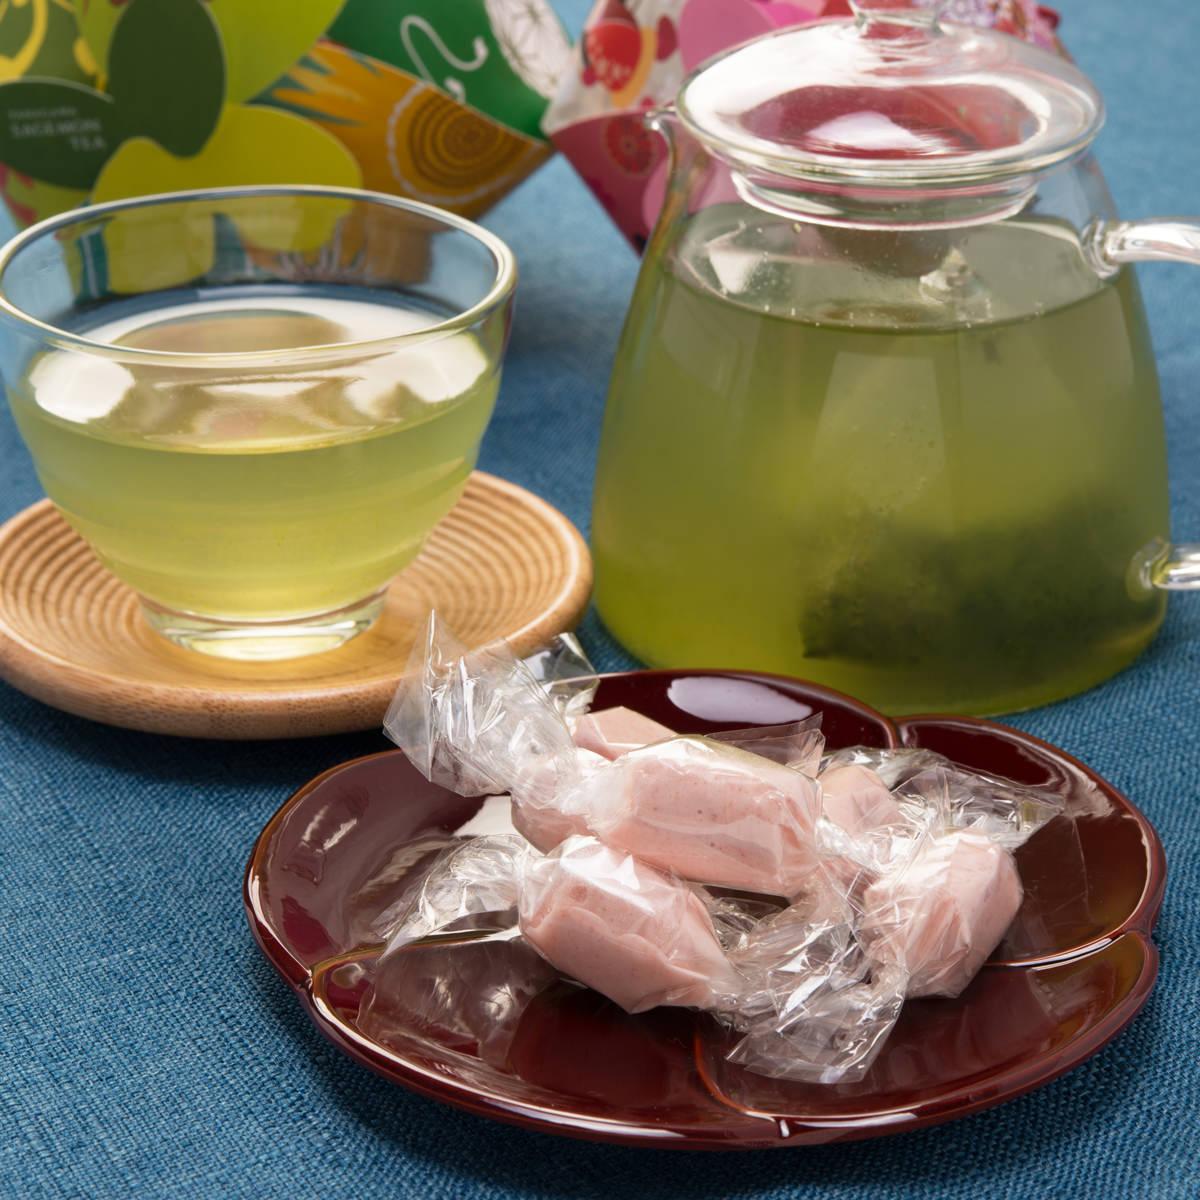 ラヴィレ コヤナギ 柳川さげもん茶とさげもん飴セット〔緑茶ティーパック5g×7・飴10粒〕